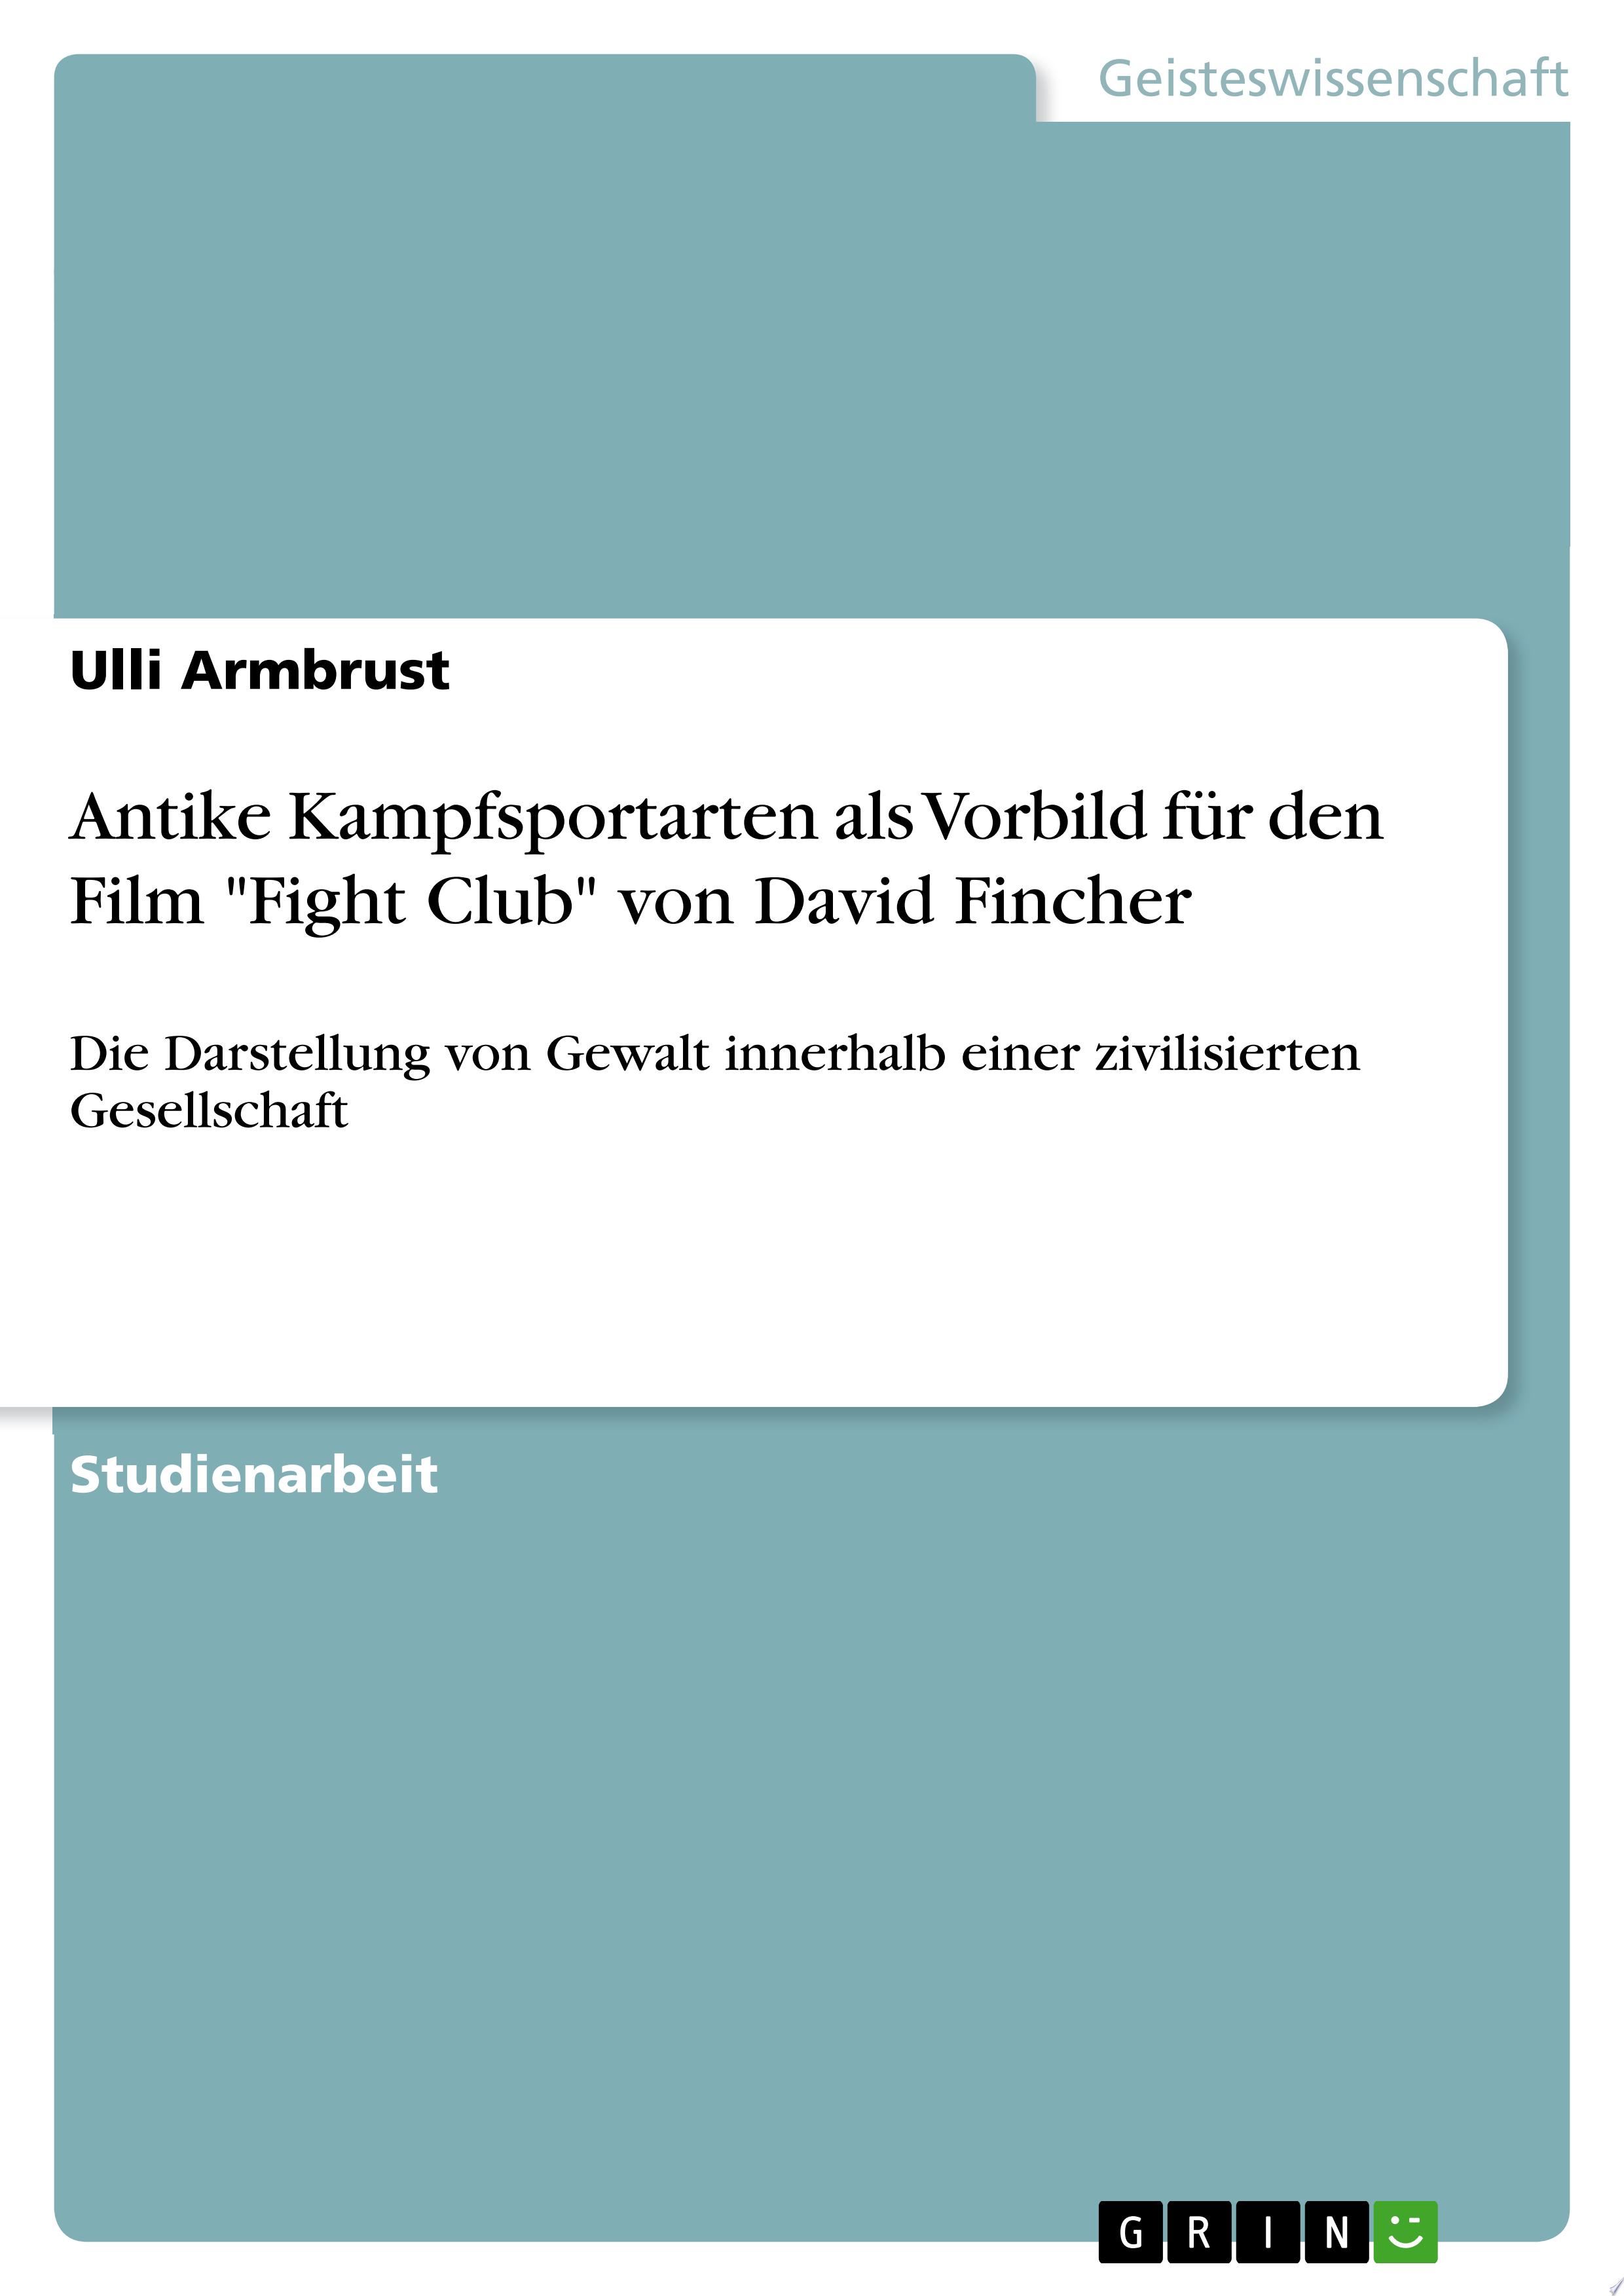 Antike Kampfsportarten als Vorbild f  r den Film  Fight Club  von David Fincher